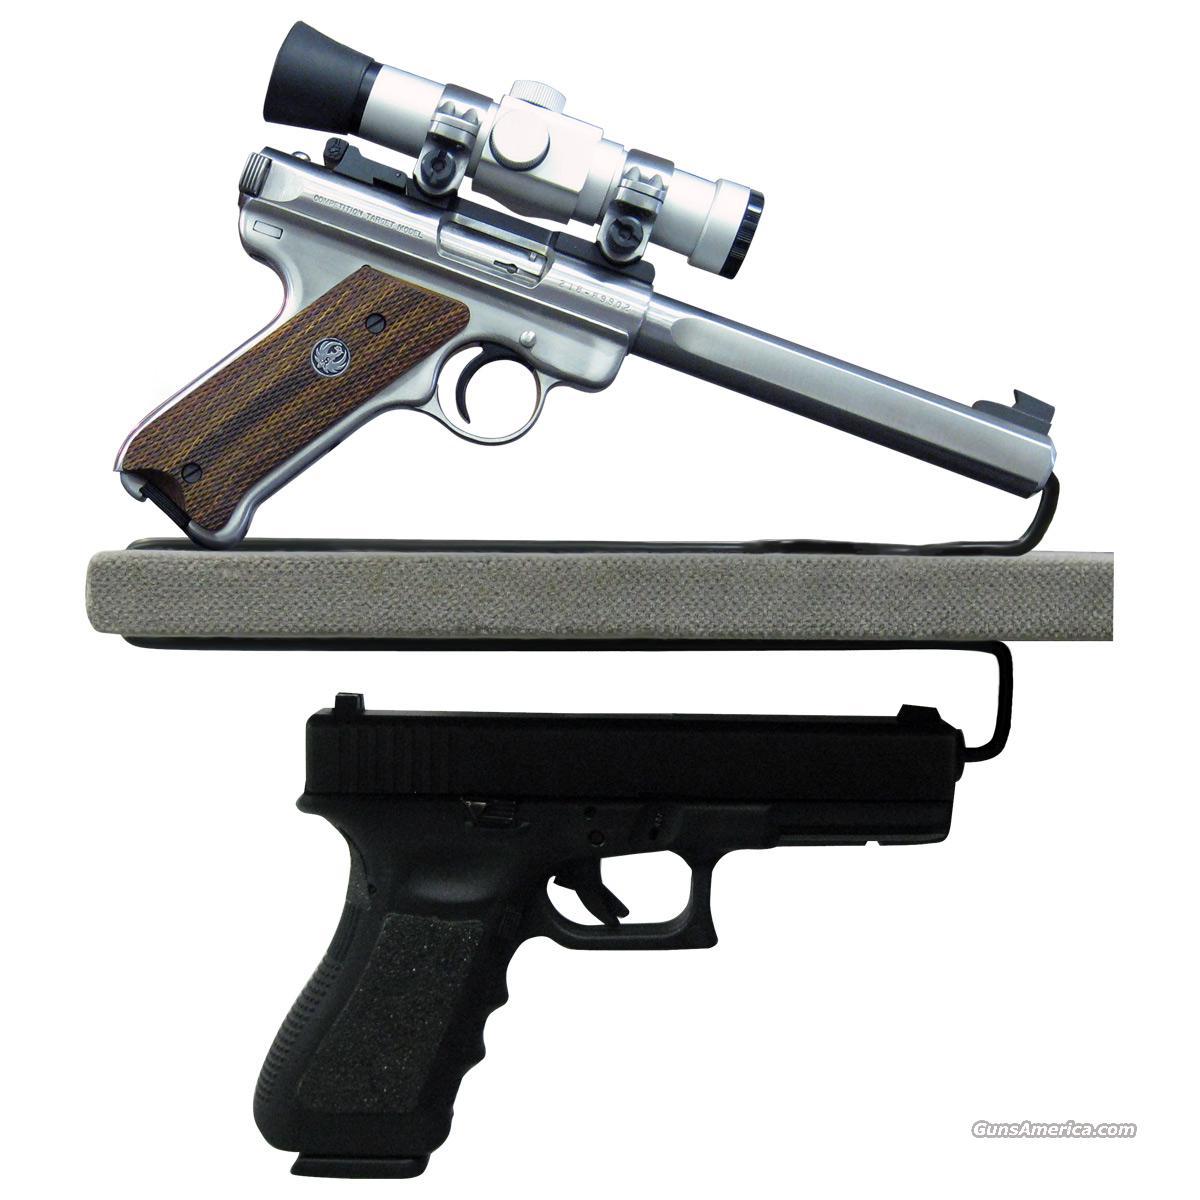 Gun Storage Solutions Ouhh2 Over Under Handgun For Sale